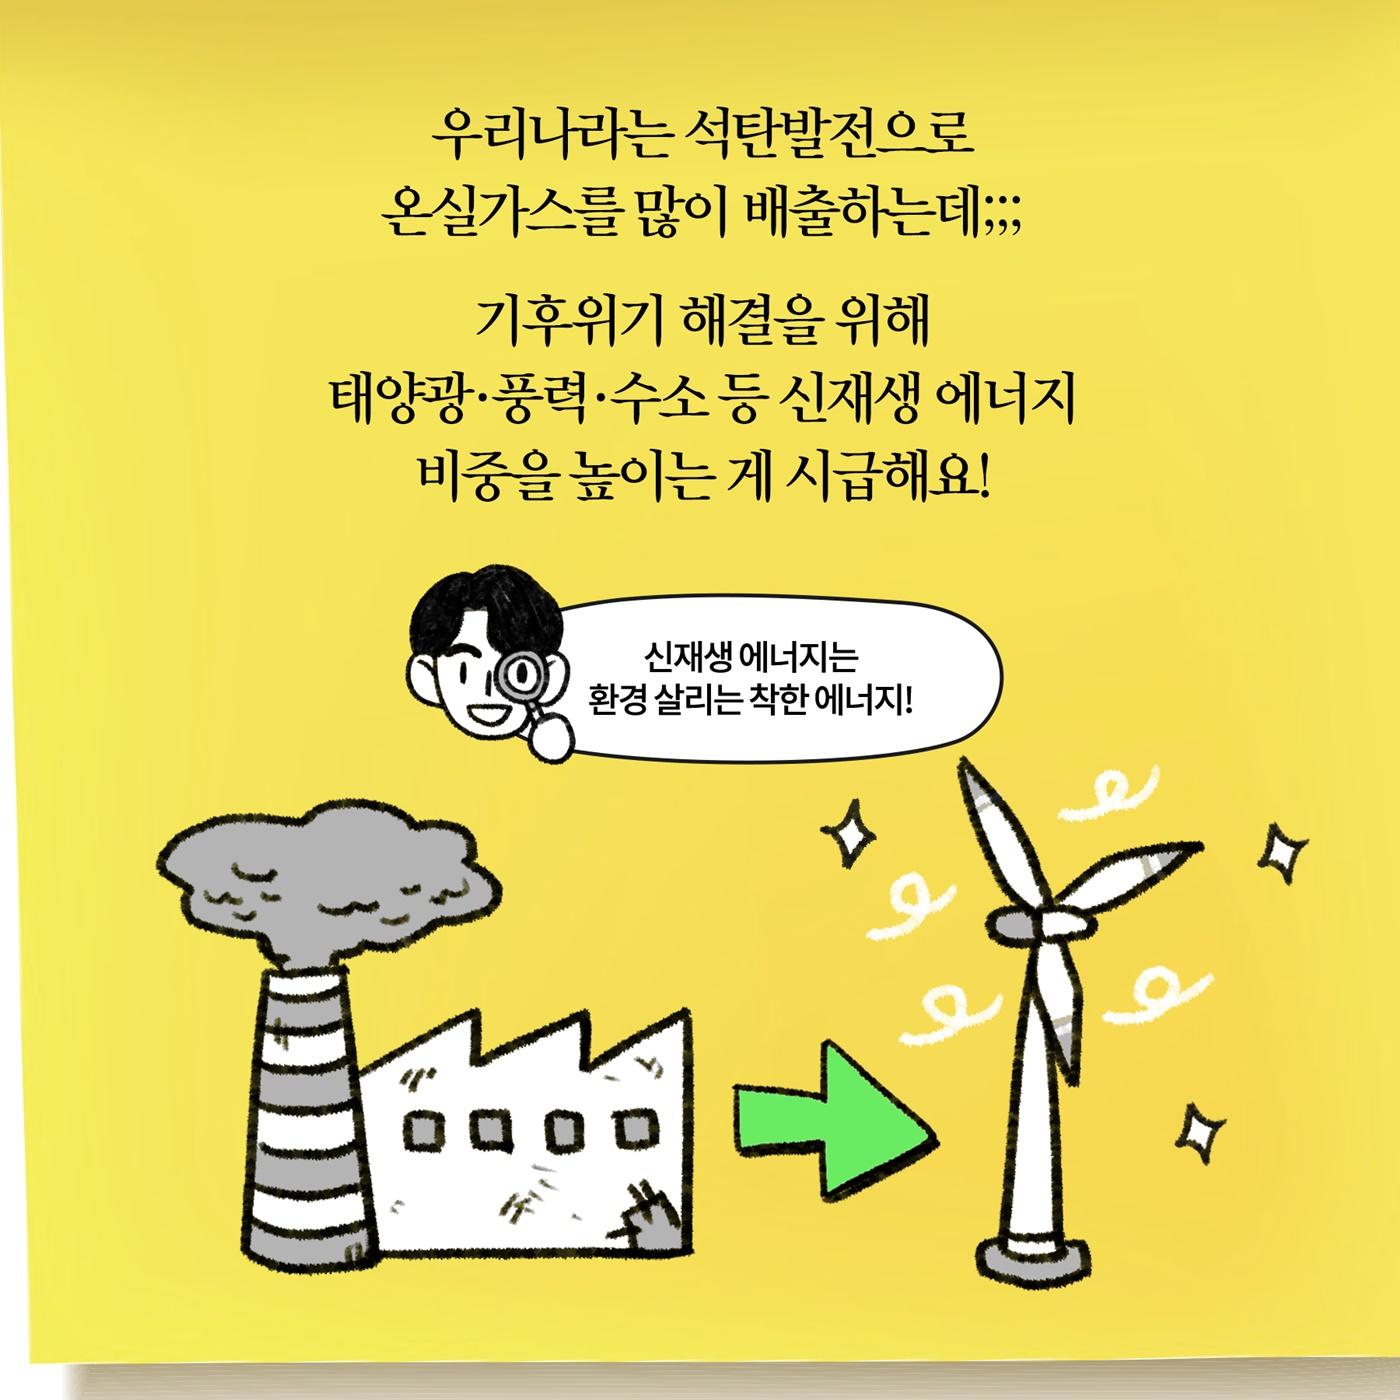 [딱풀이] '그린 에너지'란?